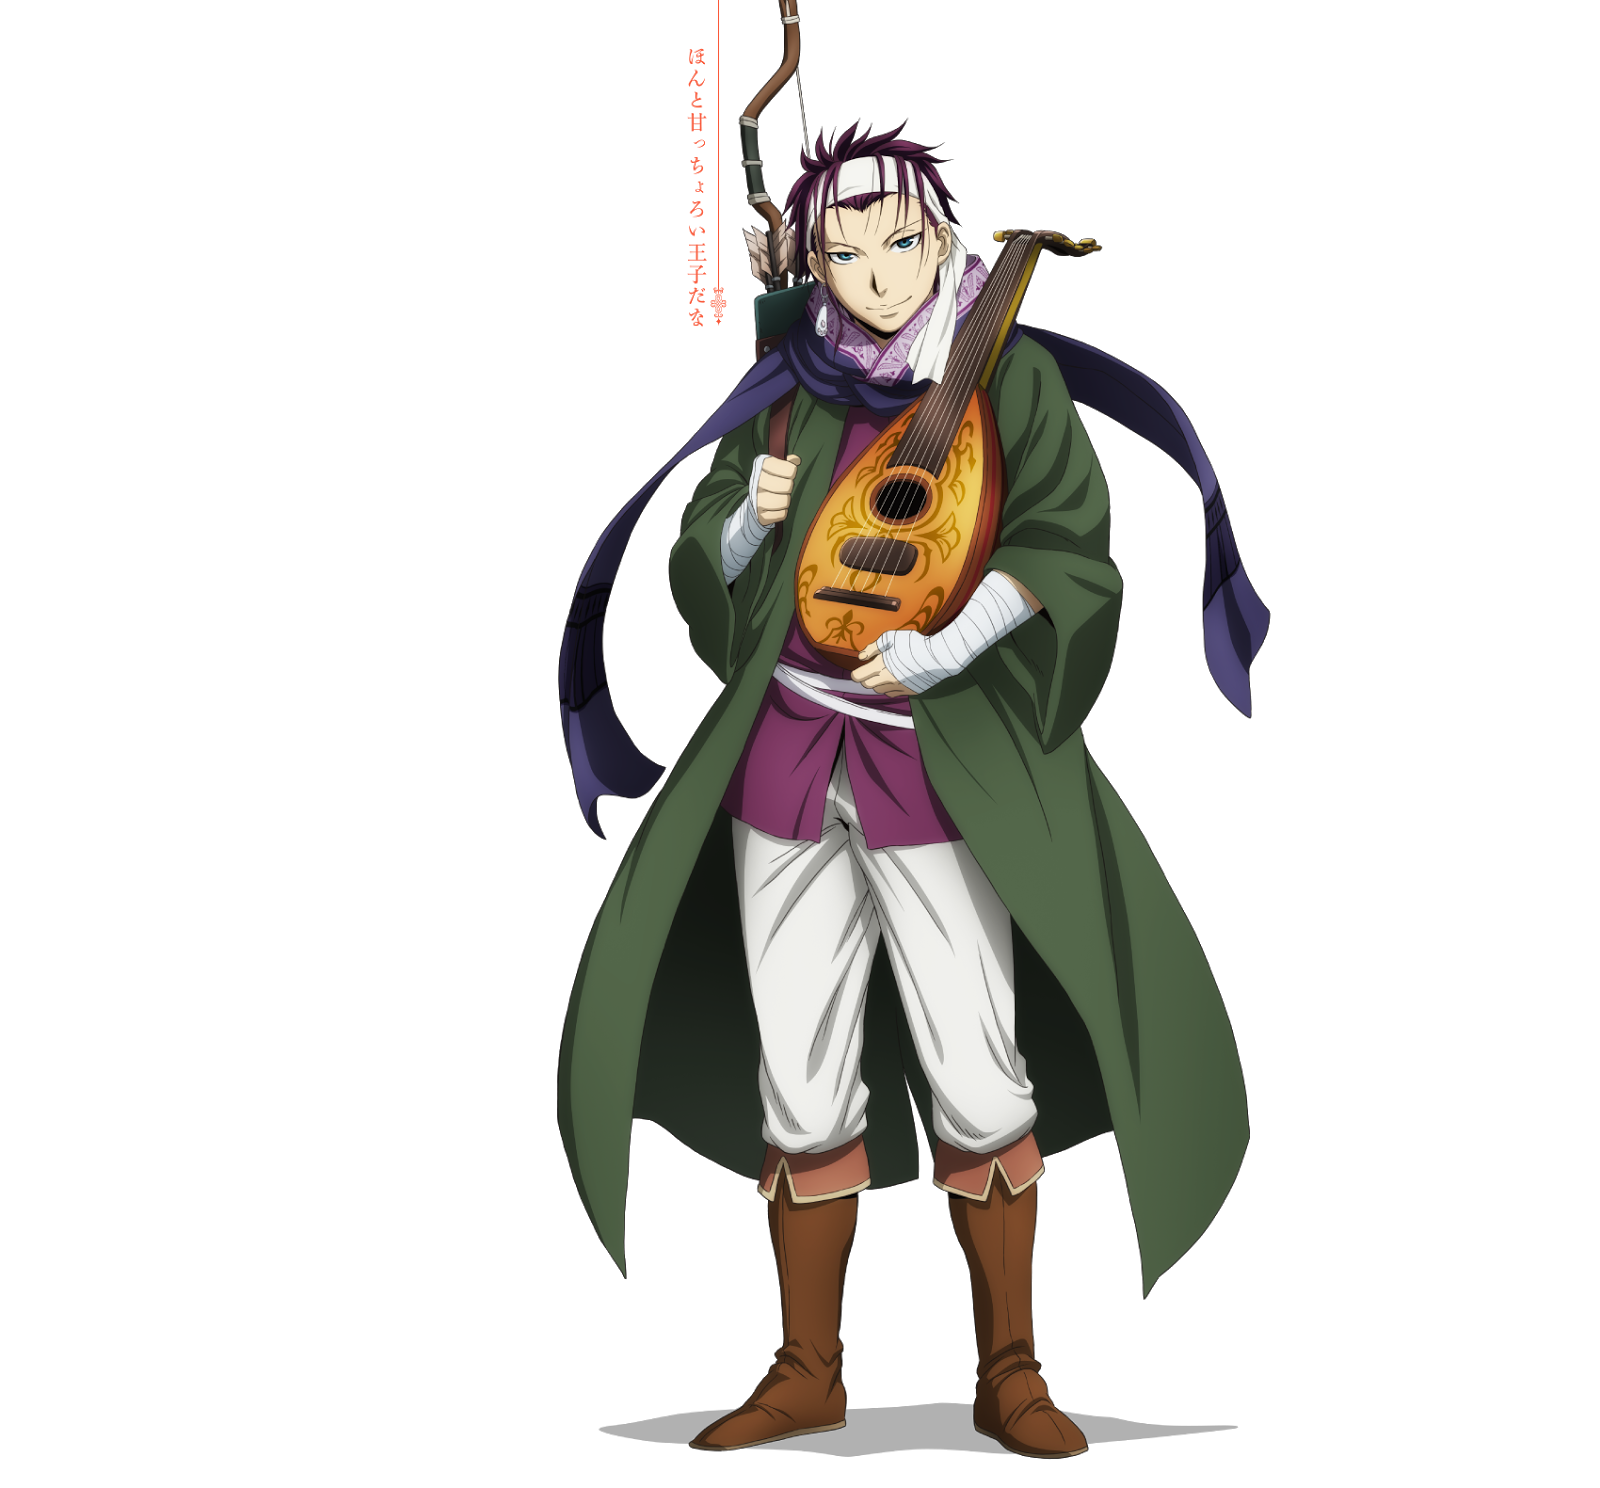 Historia de Hawke - Página 2 Arslan-Senki-Anime-Personajes%2B(2)